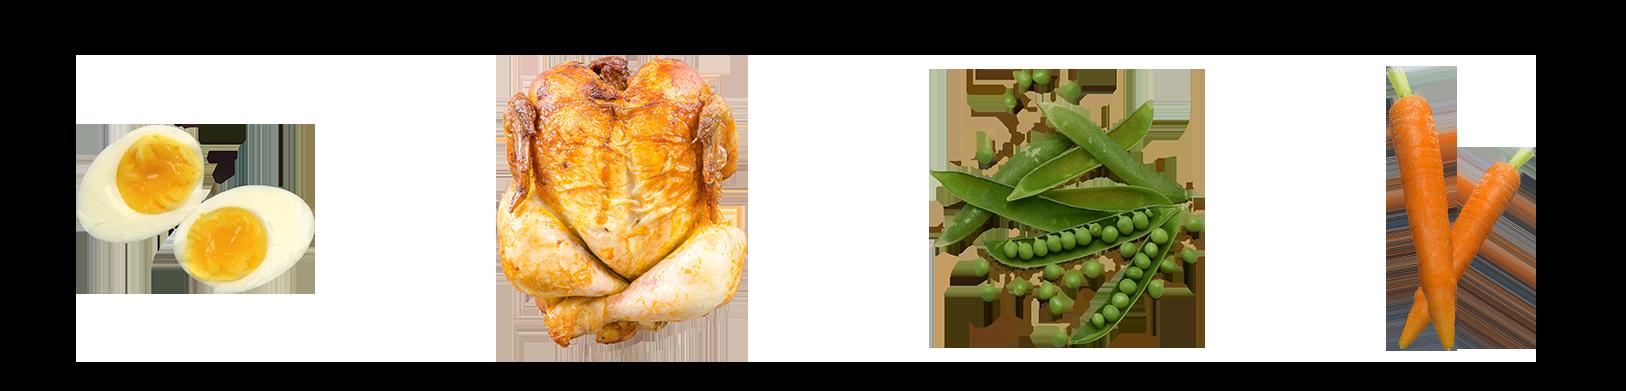 chicken feast ingredients 1